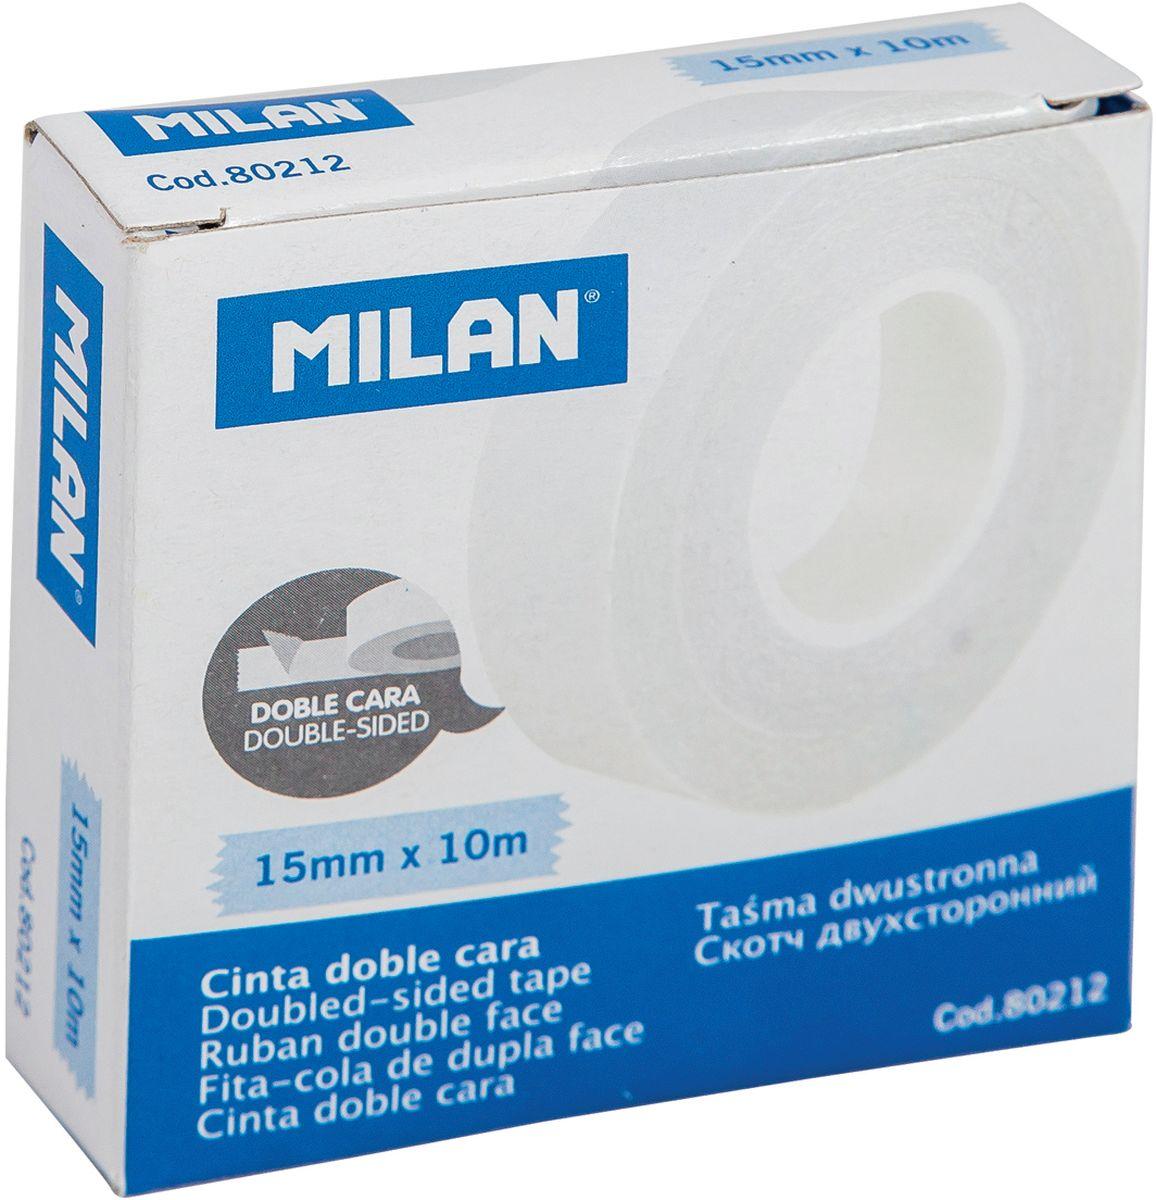 Milan Клейкая лента двусторонняя 10 м х 15 мм80212Двухсторонняя клейкая лента, прозрачная. Идеально подходит для приклеивания постеров и фотографий, а также упаковки подарков. Надежно крепит подарочную бумагу, картон, фотобумагу.